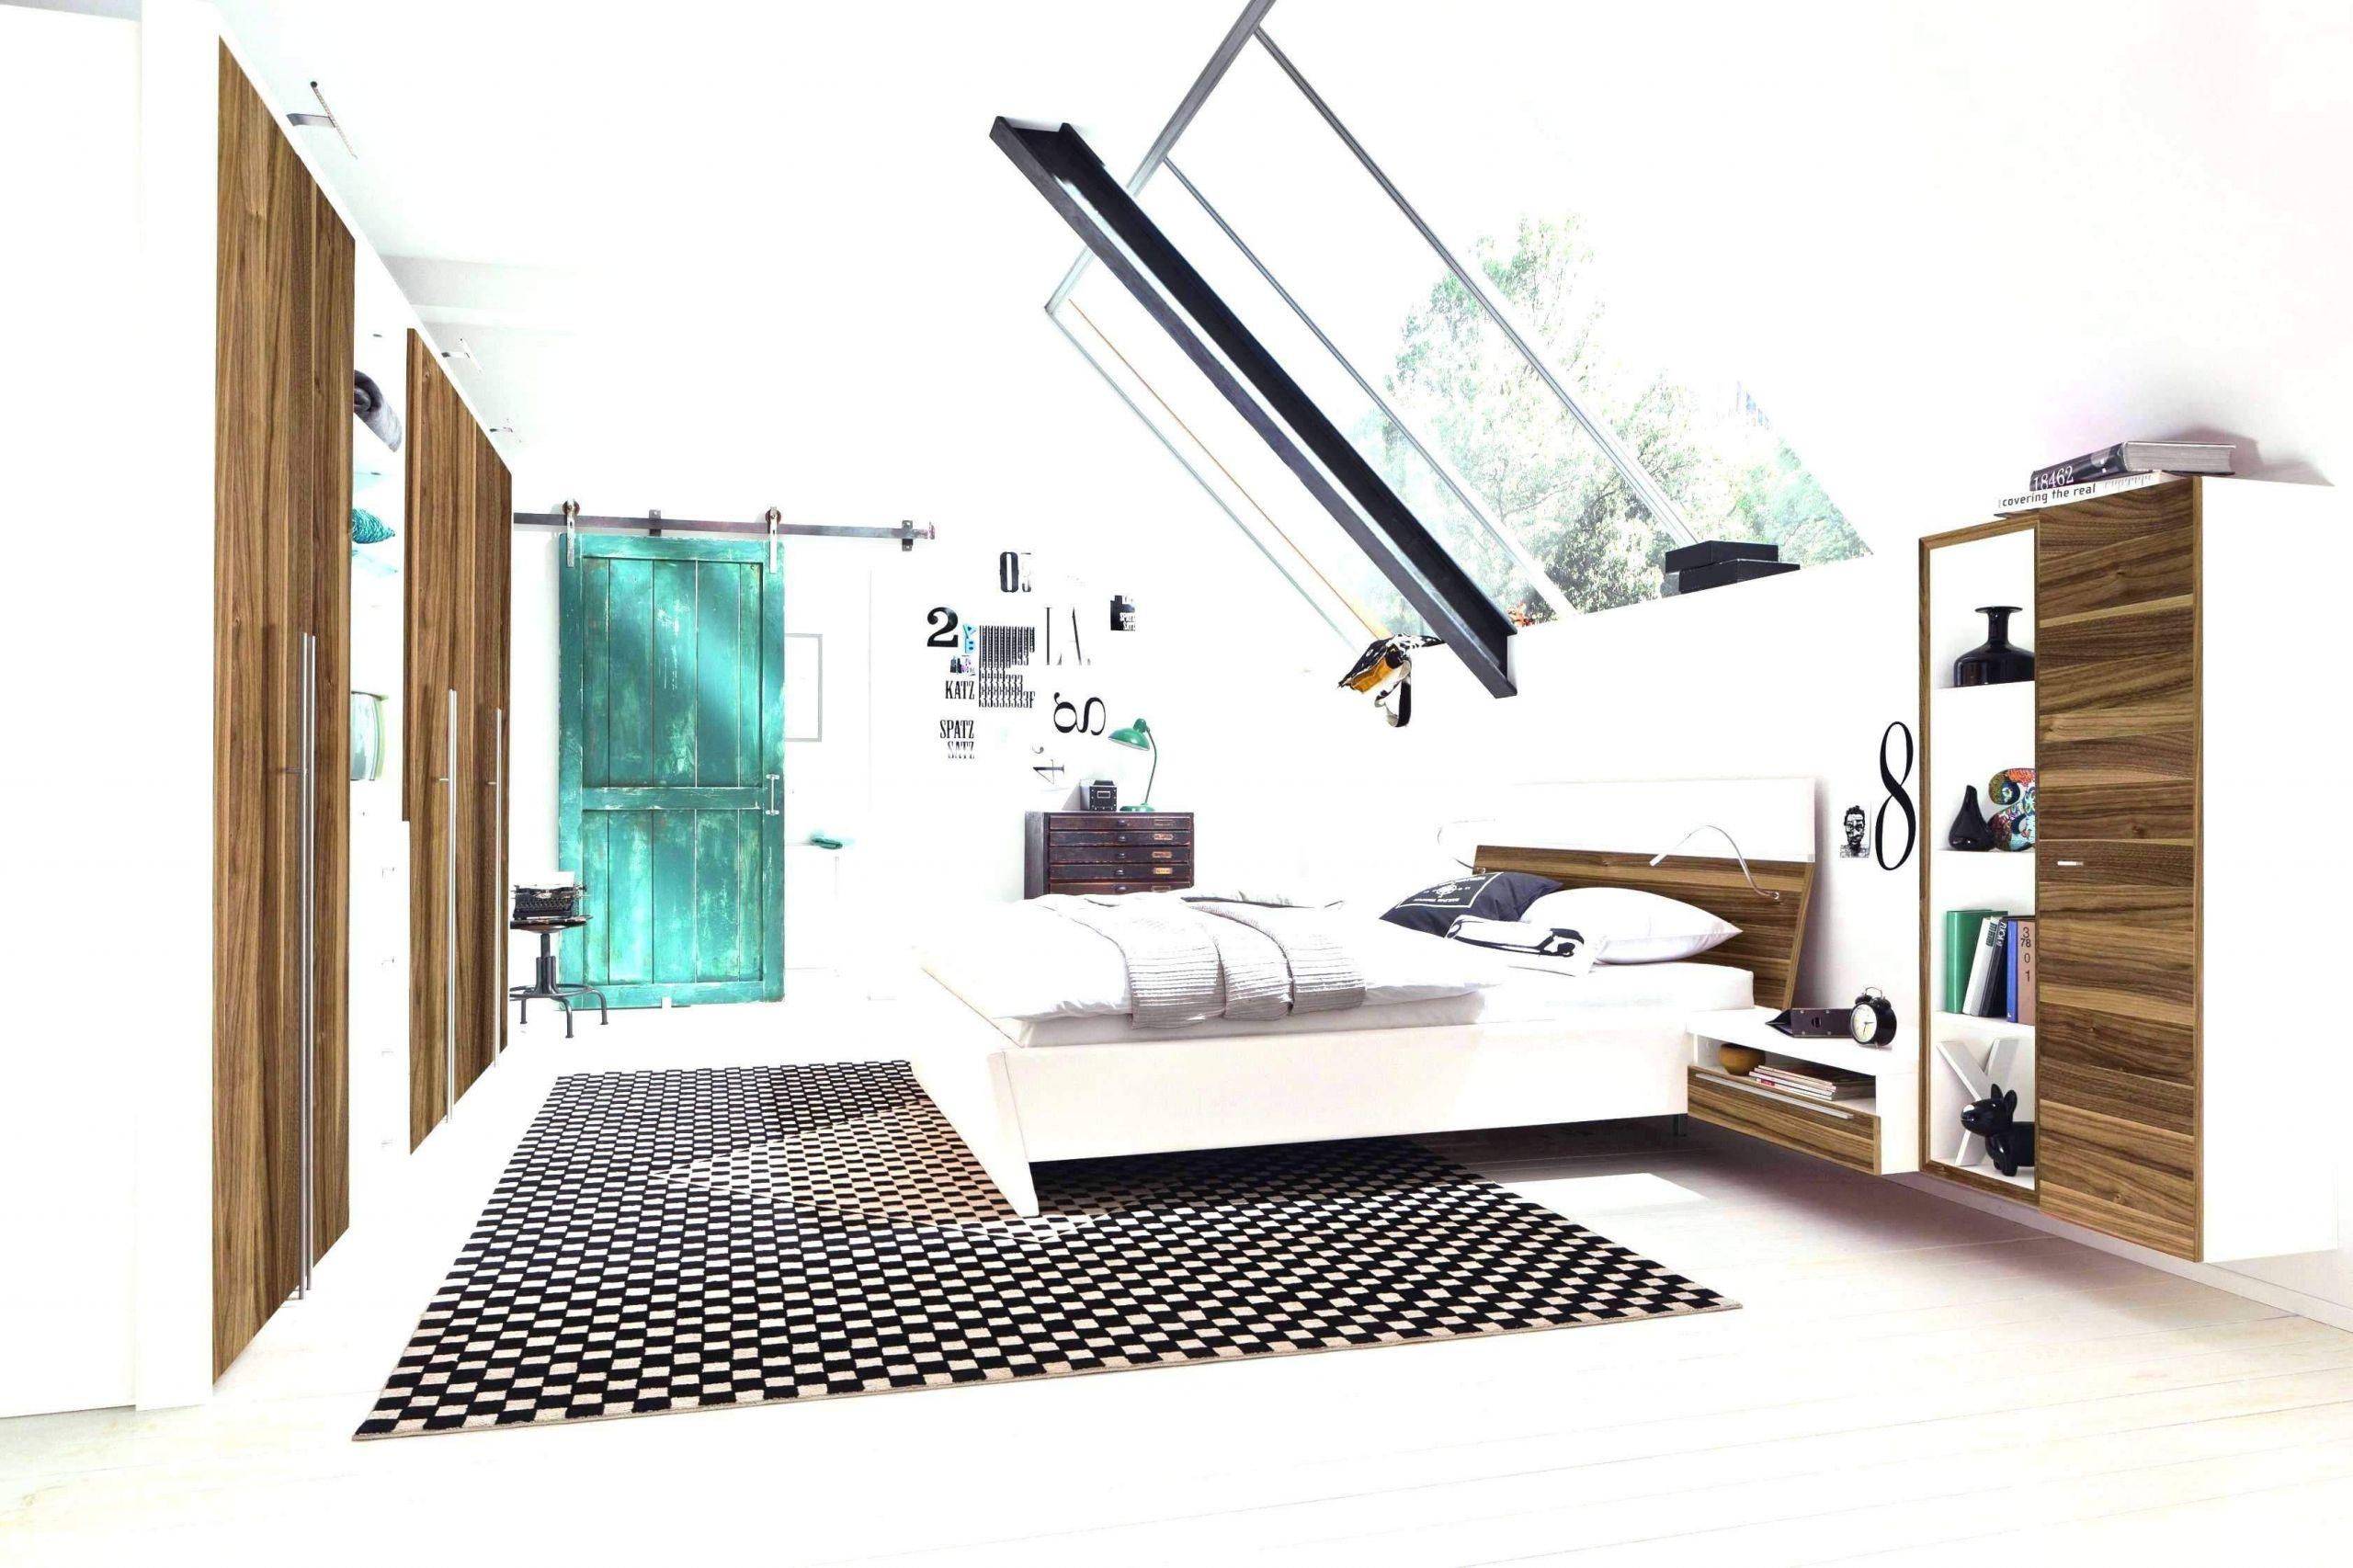 blumen deko wohnzimmer reizend 40 tolle von blumen deko wohnzimmer meinung of blumen deko wohnzimmer